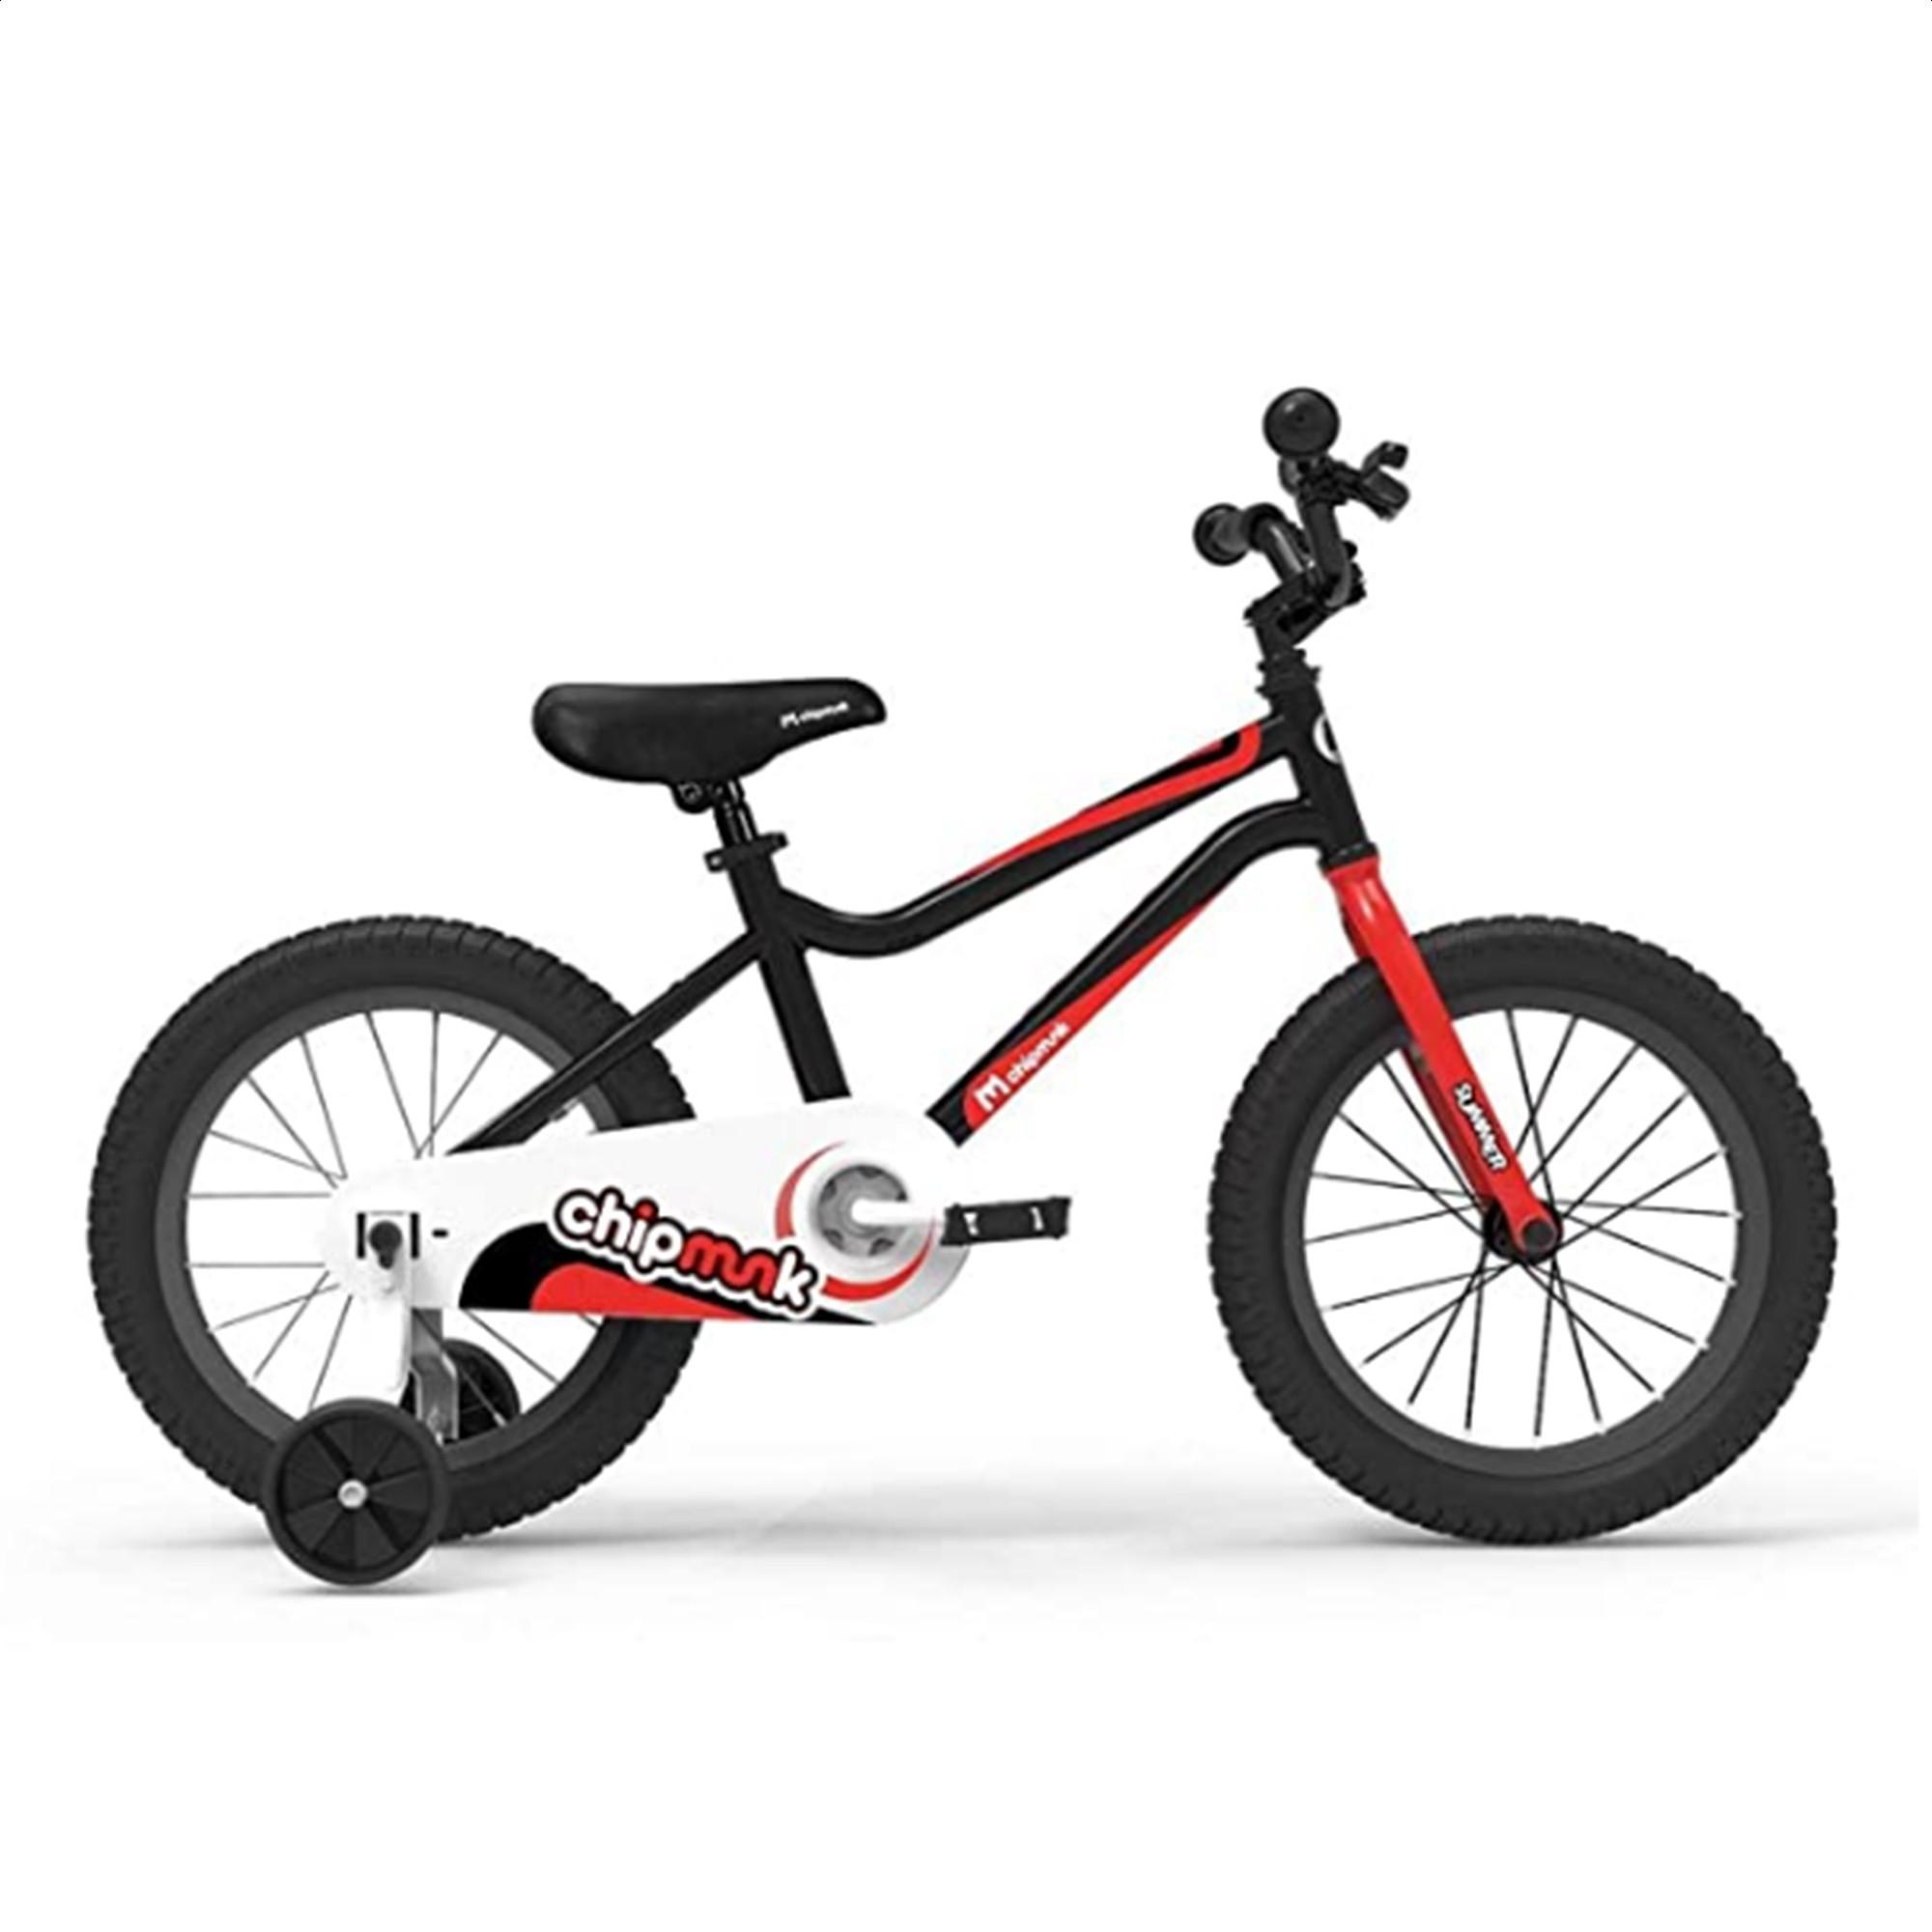 Bicicleta Infantil Royal Baby Chipmunk MK Rodado 14